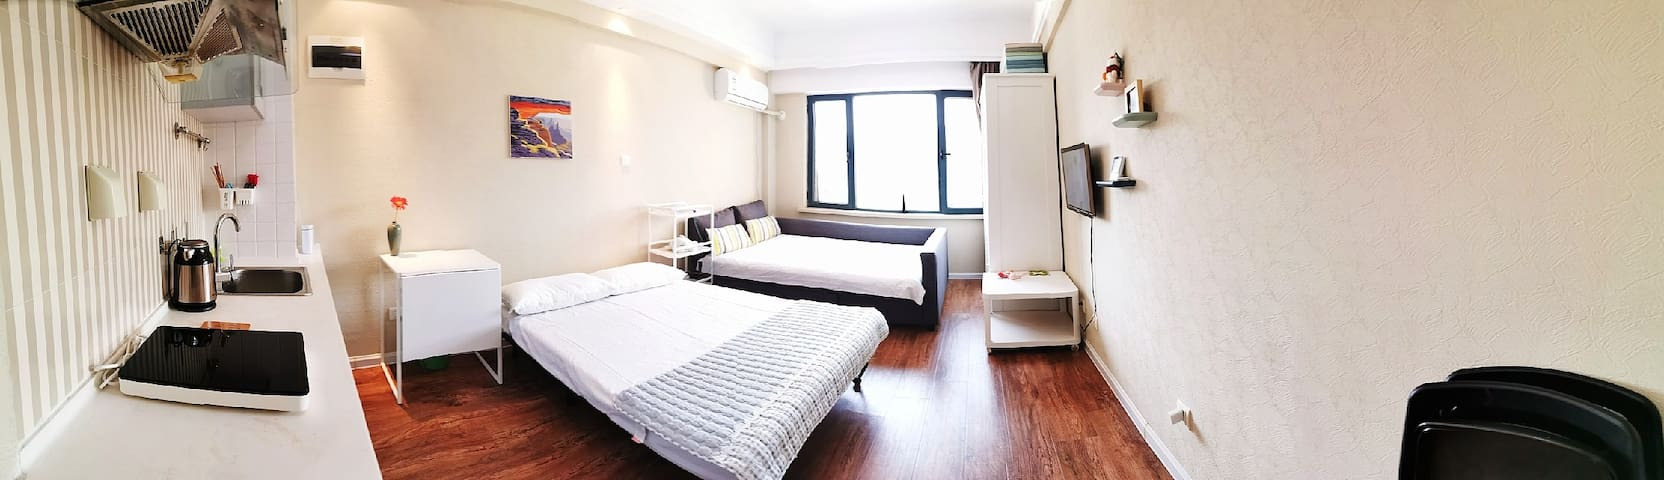 两张床均为宜家产品,舒适环保。